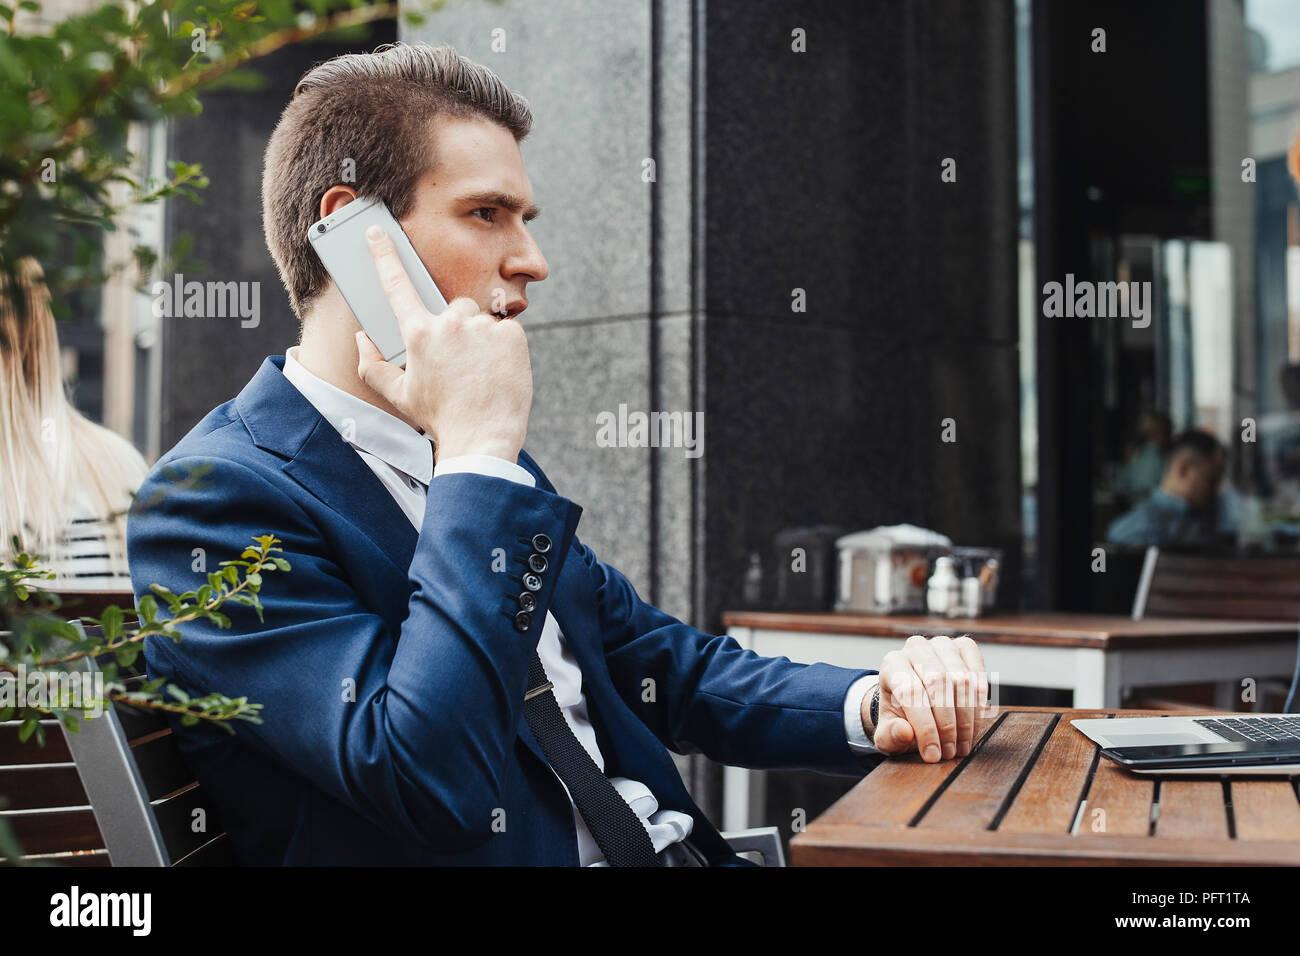 Junge attraktive Brünette Geschäftsmann Gespräch per Handy in ein Cafe. Stockbild